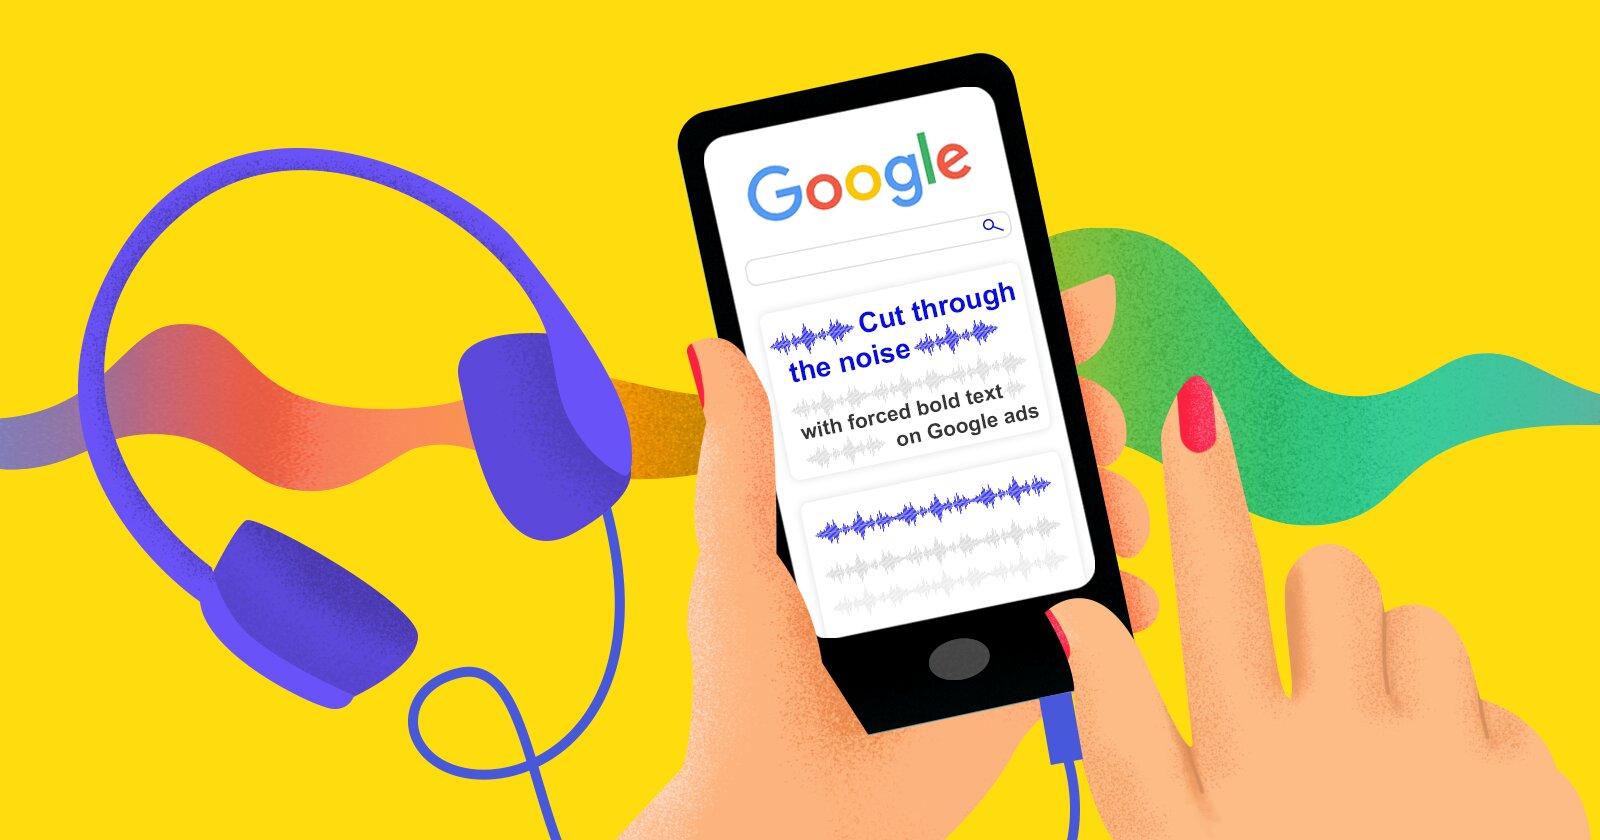 Как выделить жирным шрифтом текст в рекламе Google Search Ads и зачем